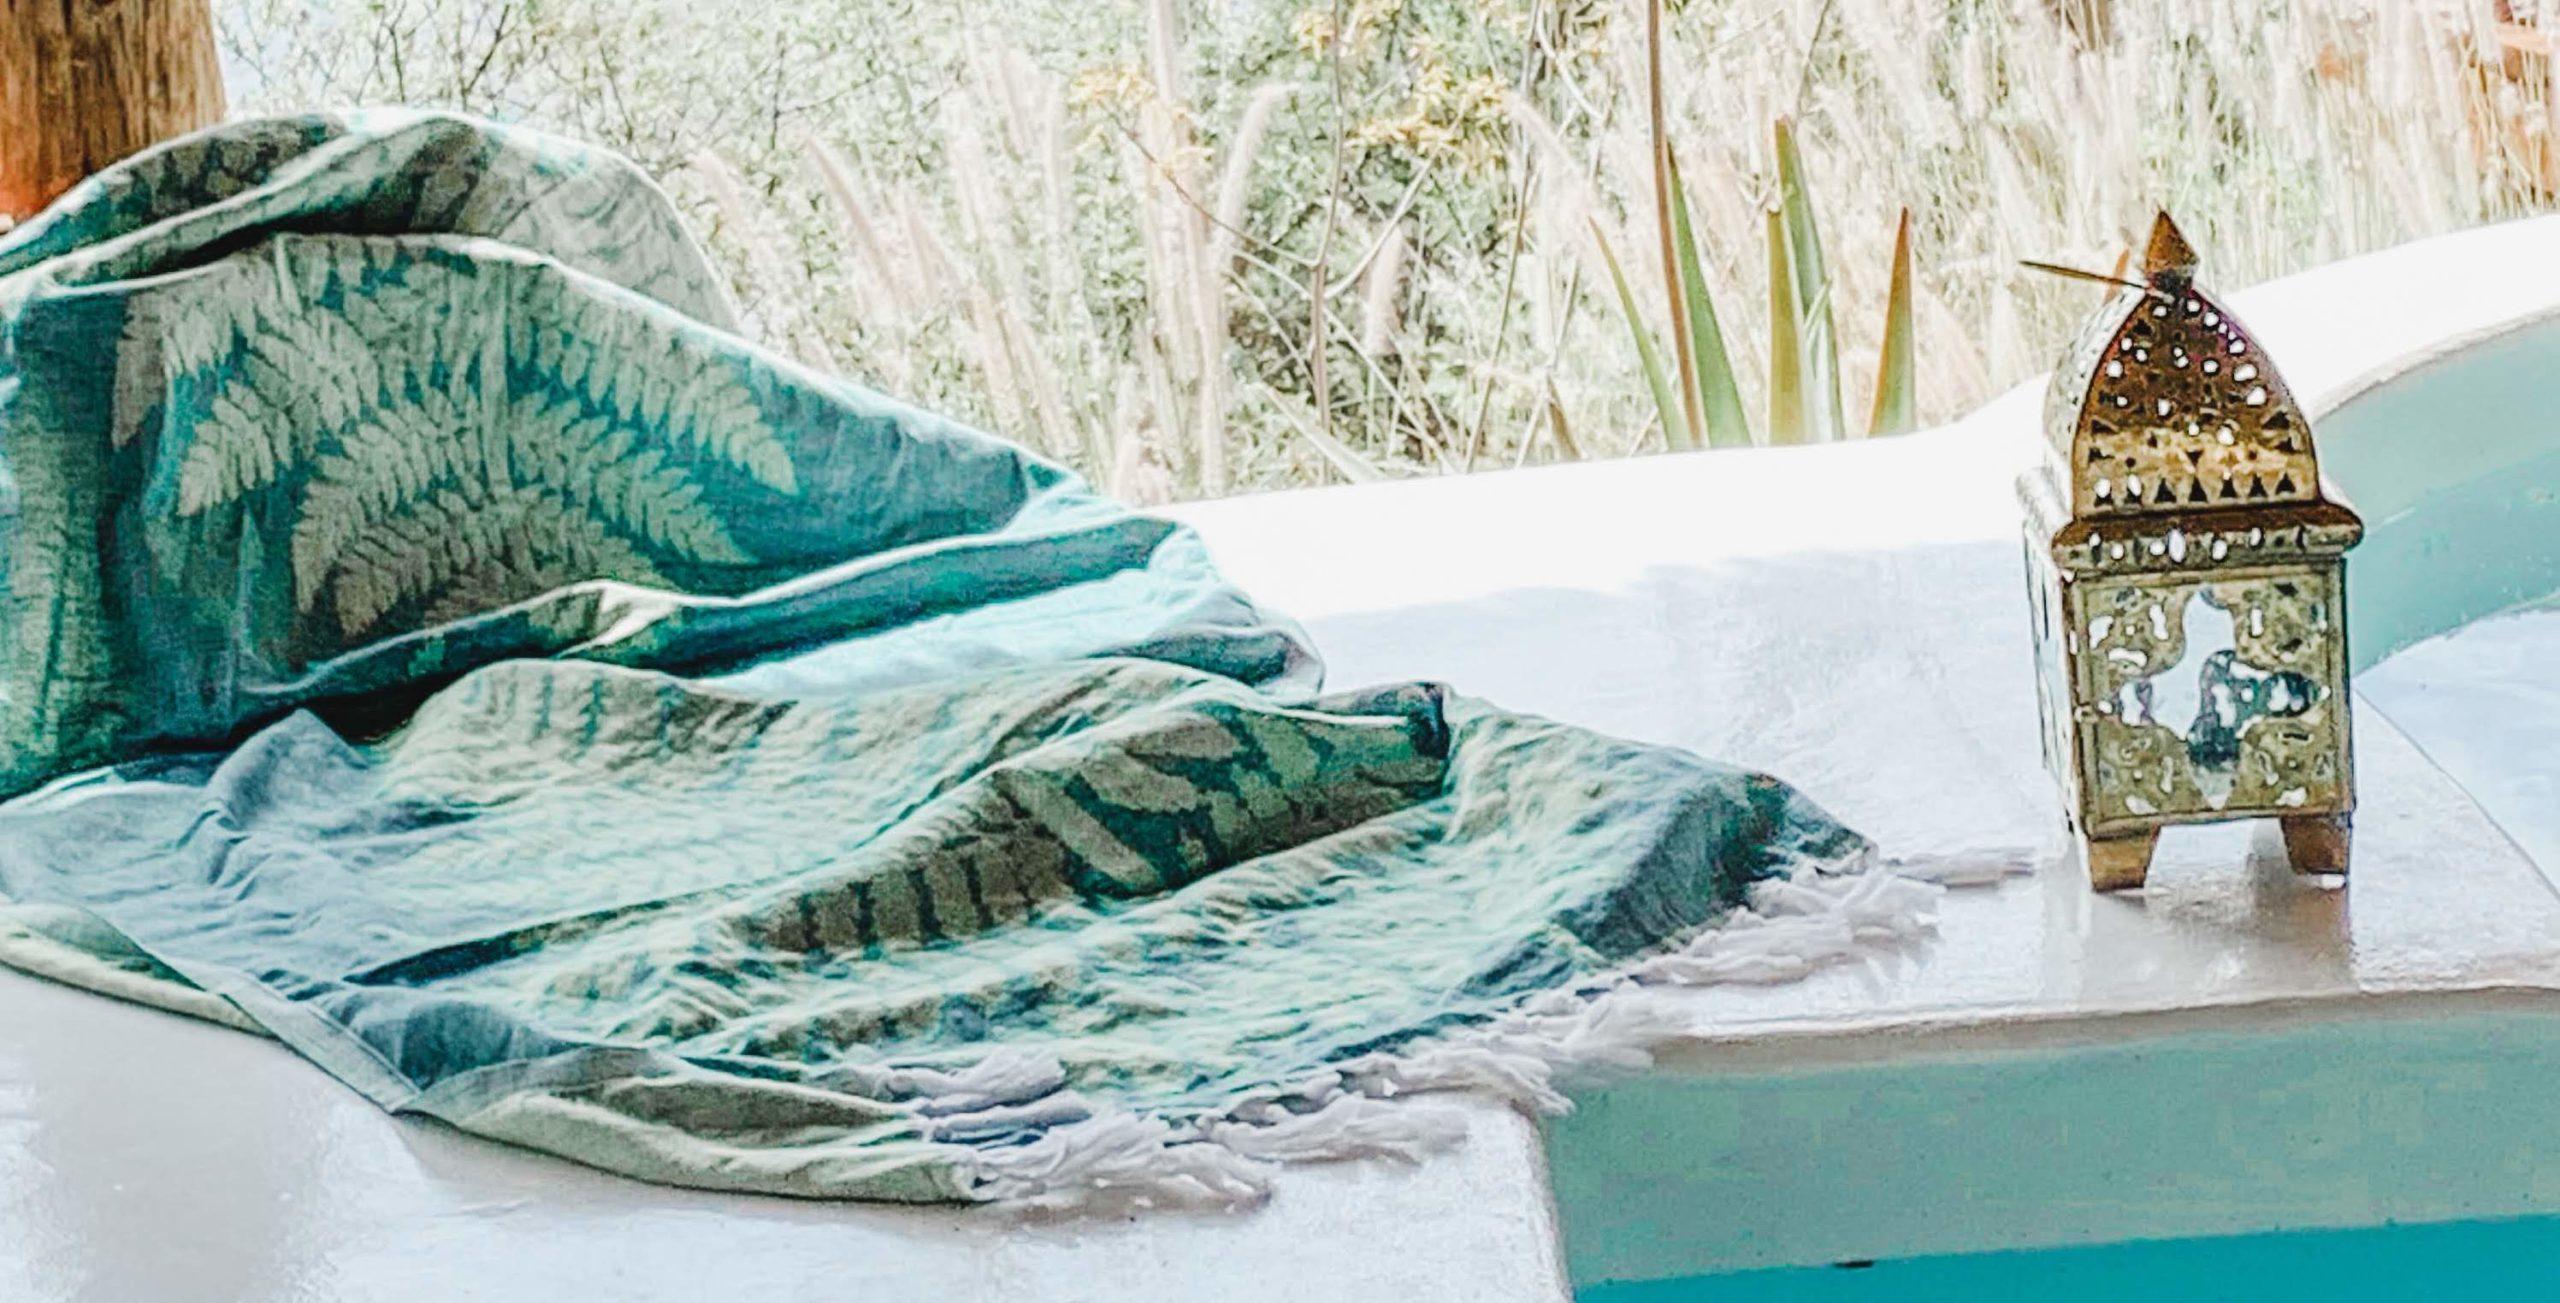 Un drap de bain turc tissé de couleur turquoise clair avec une impression de fougère de couleur crème et une longue frange, posée sur le bord d'un bain avec une lanterne turque en bronze.